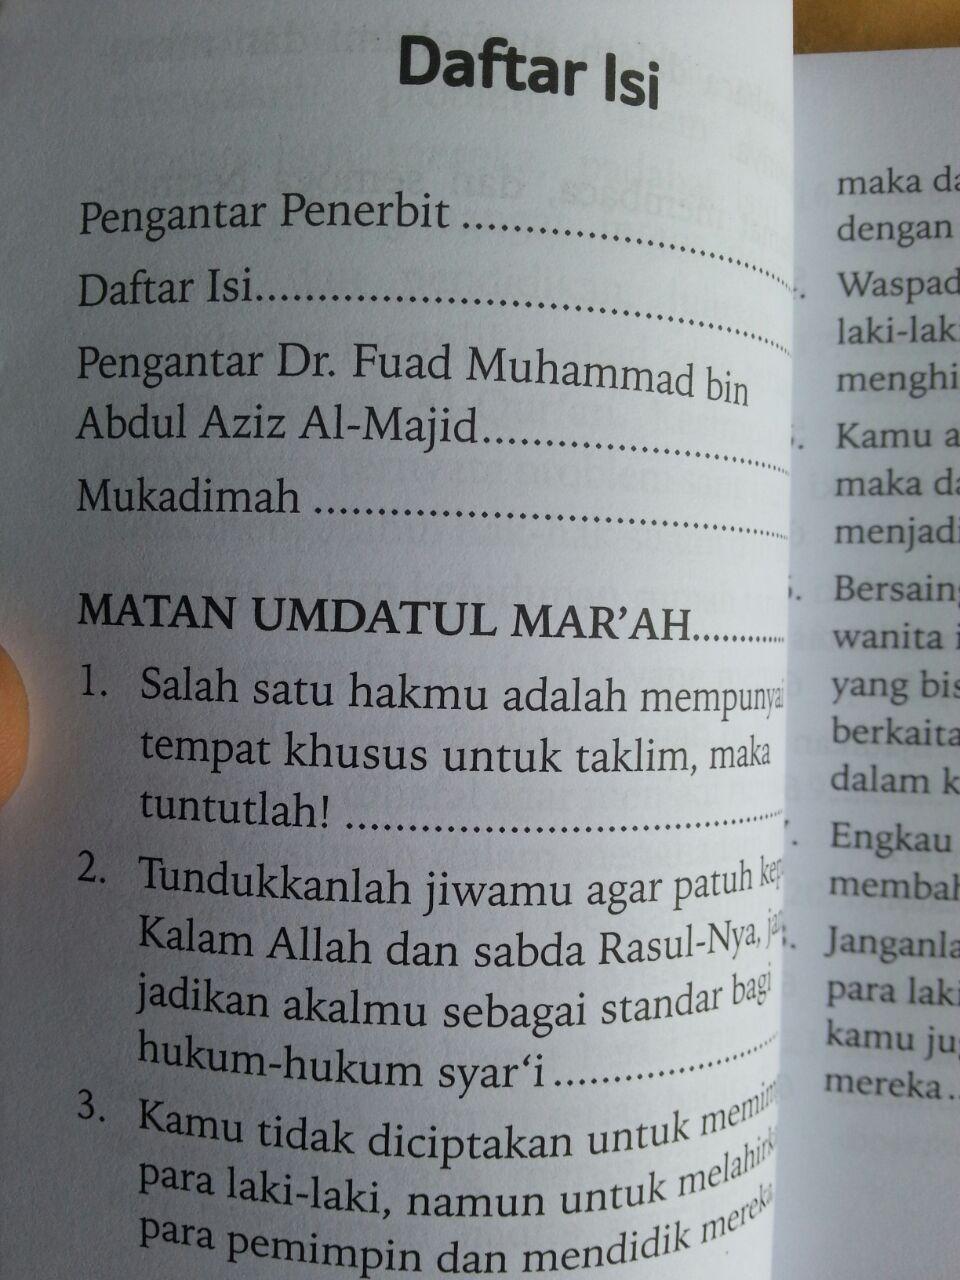 Buku Umdatul Mar'ah 100 Hadits Landasan Hukum Bagi Wanita isi 2